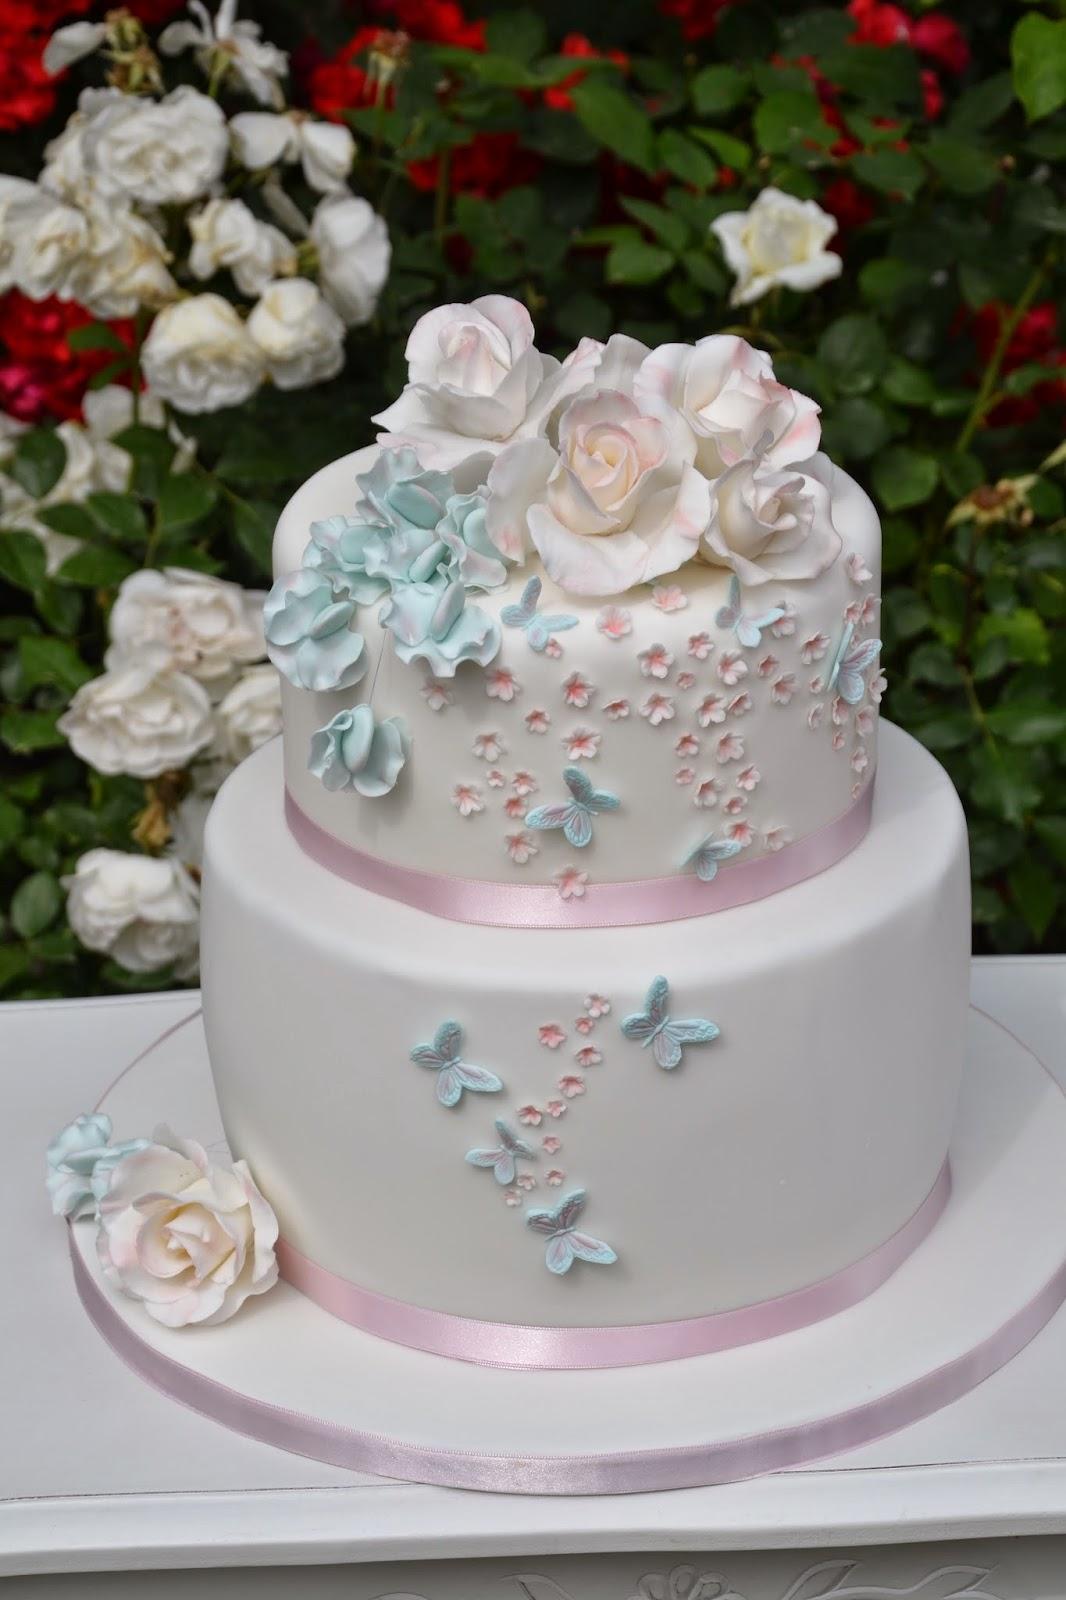 Acconciature24 acconciature per comunione bimba for Decorazione torte prima comunione